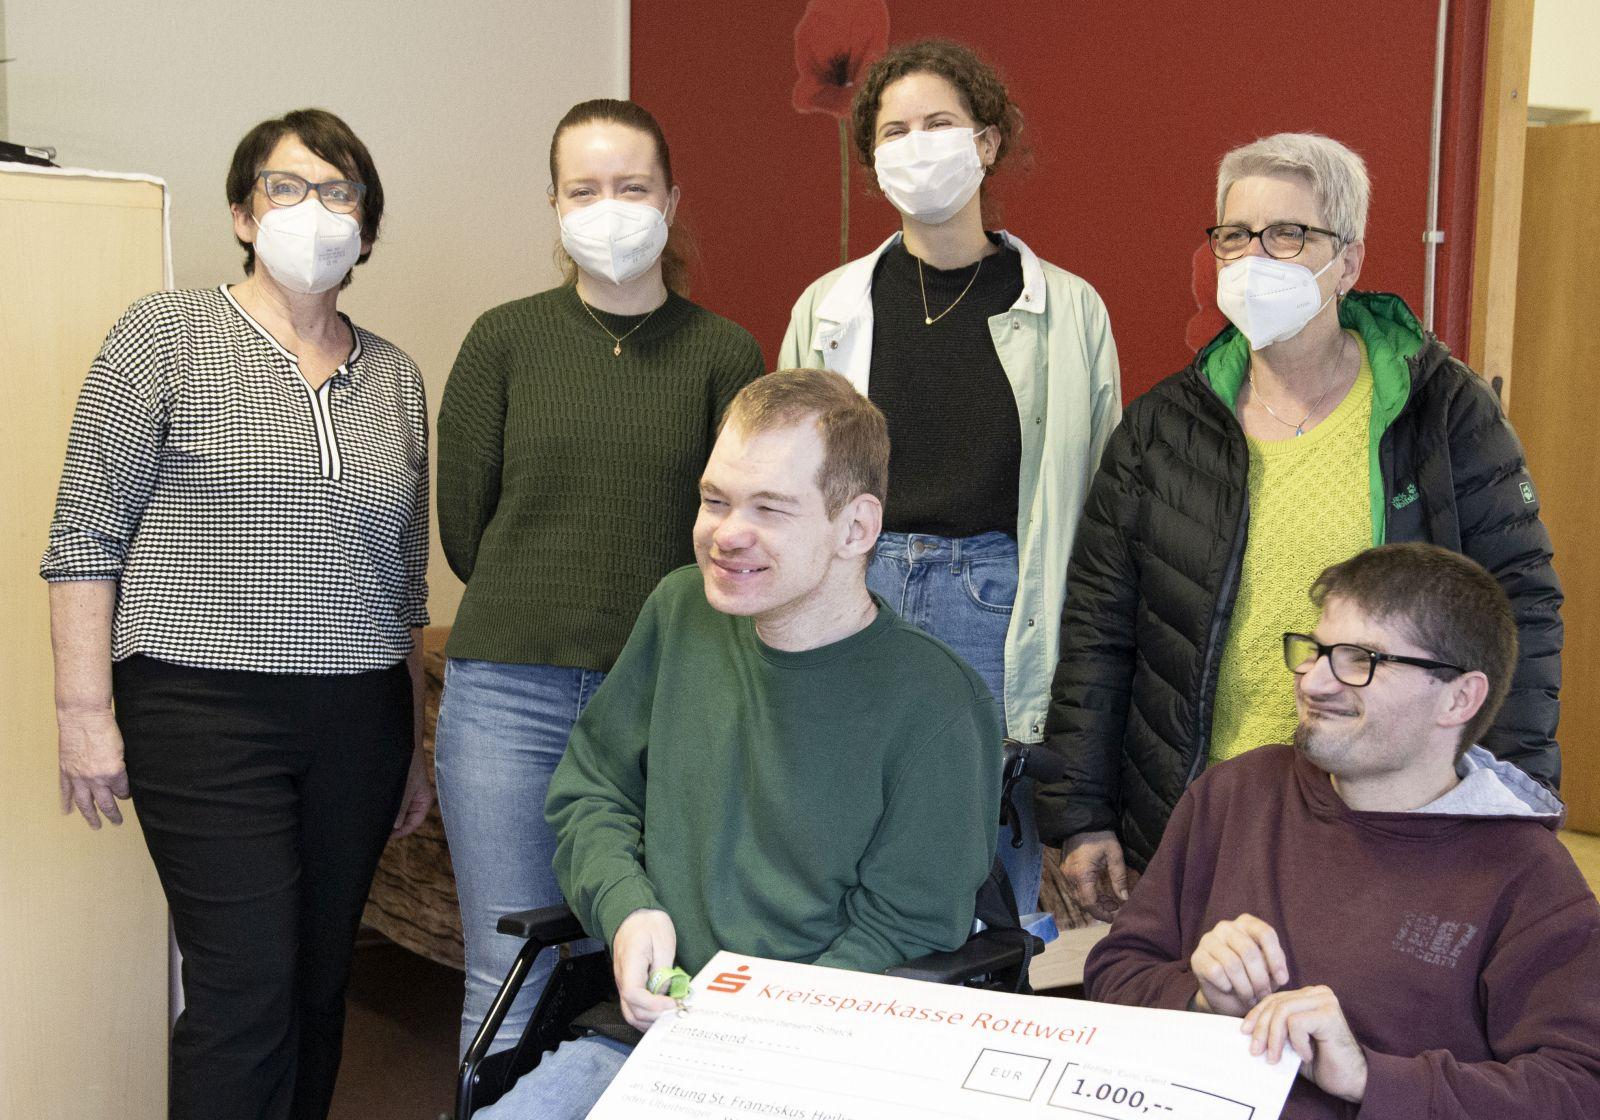 Glückliche Bewohner der Wohngruppe Pirmin mit Gruppenleitung und Vertreter der Katholischen junge Gemeinde aus Oberndorf bei der Spendenübergabe. Foto: pm